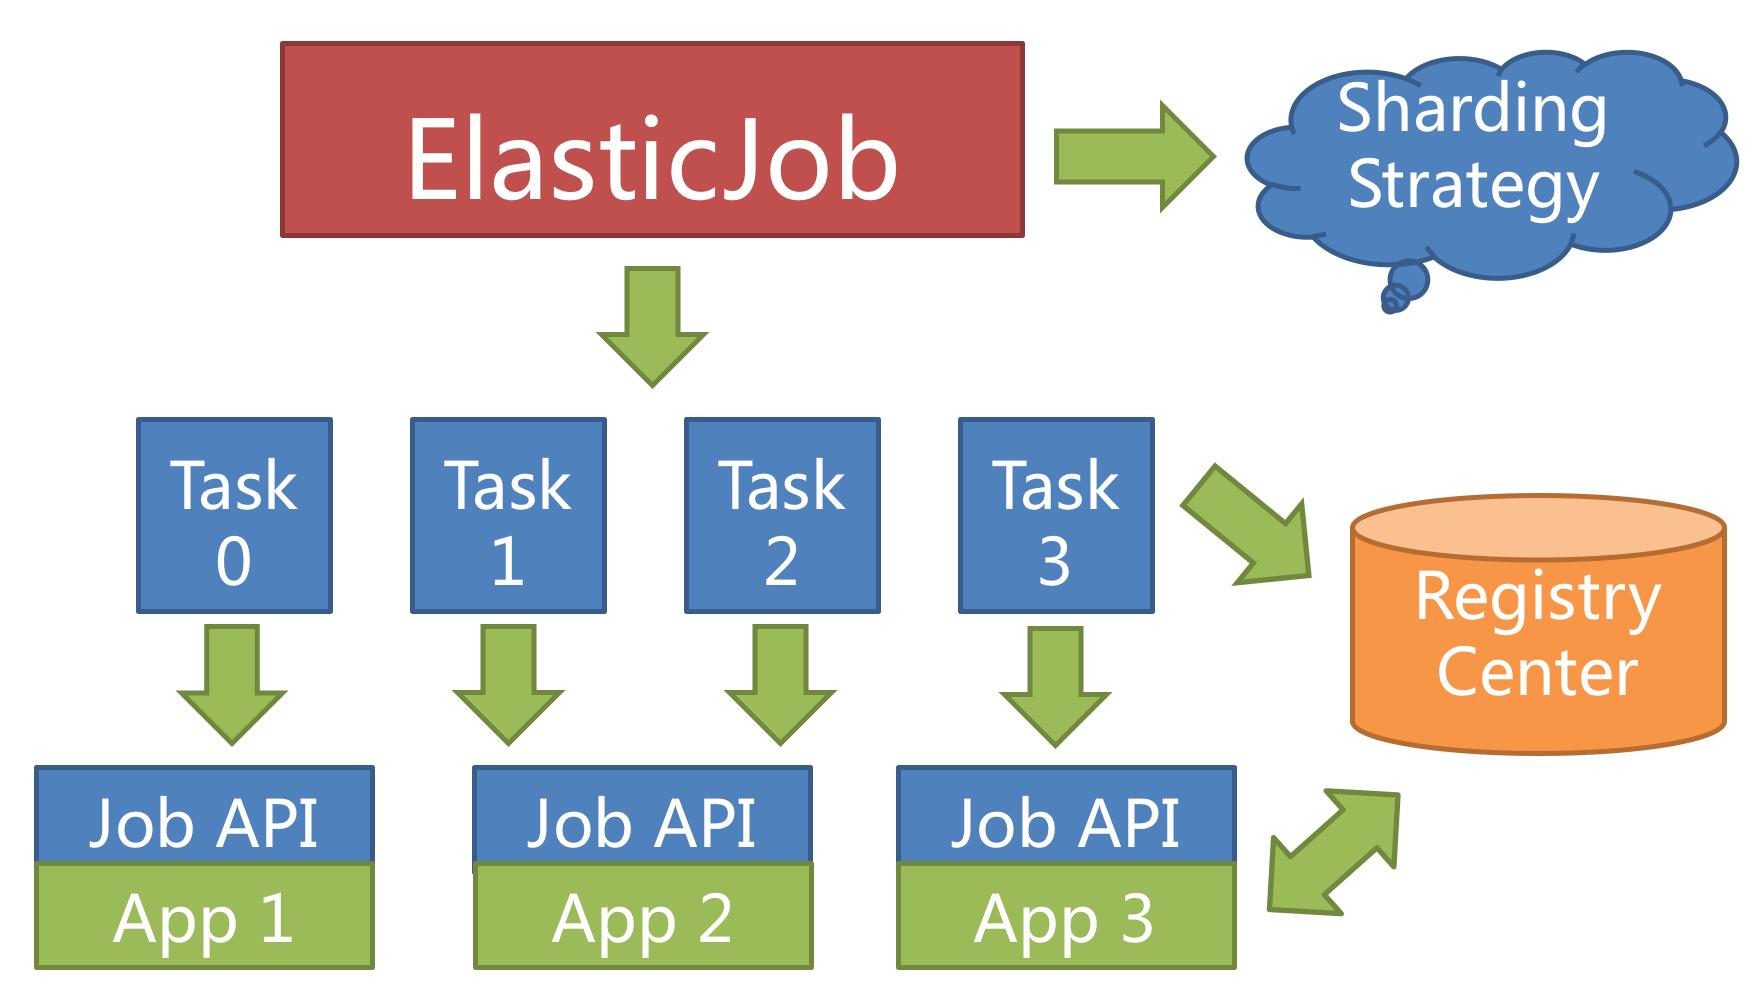 ElasticJob 的产品定位与新版本设计理念